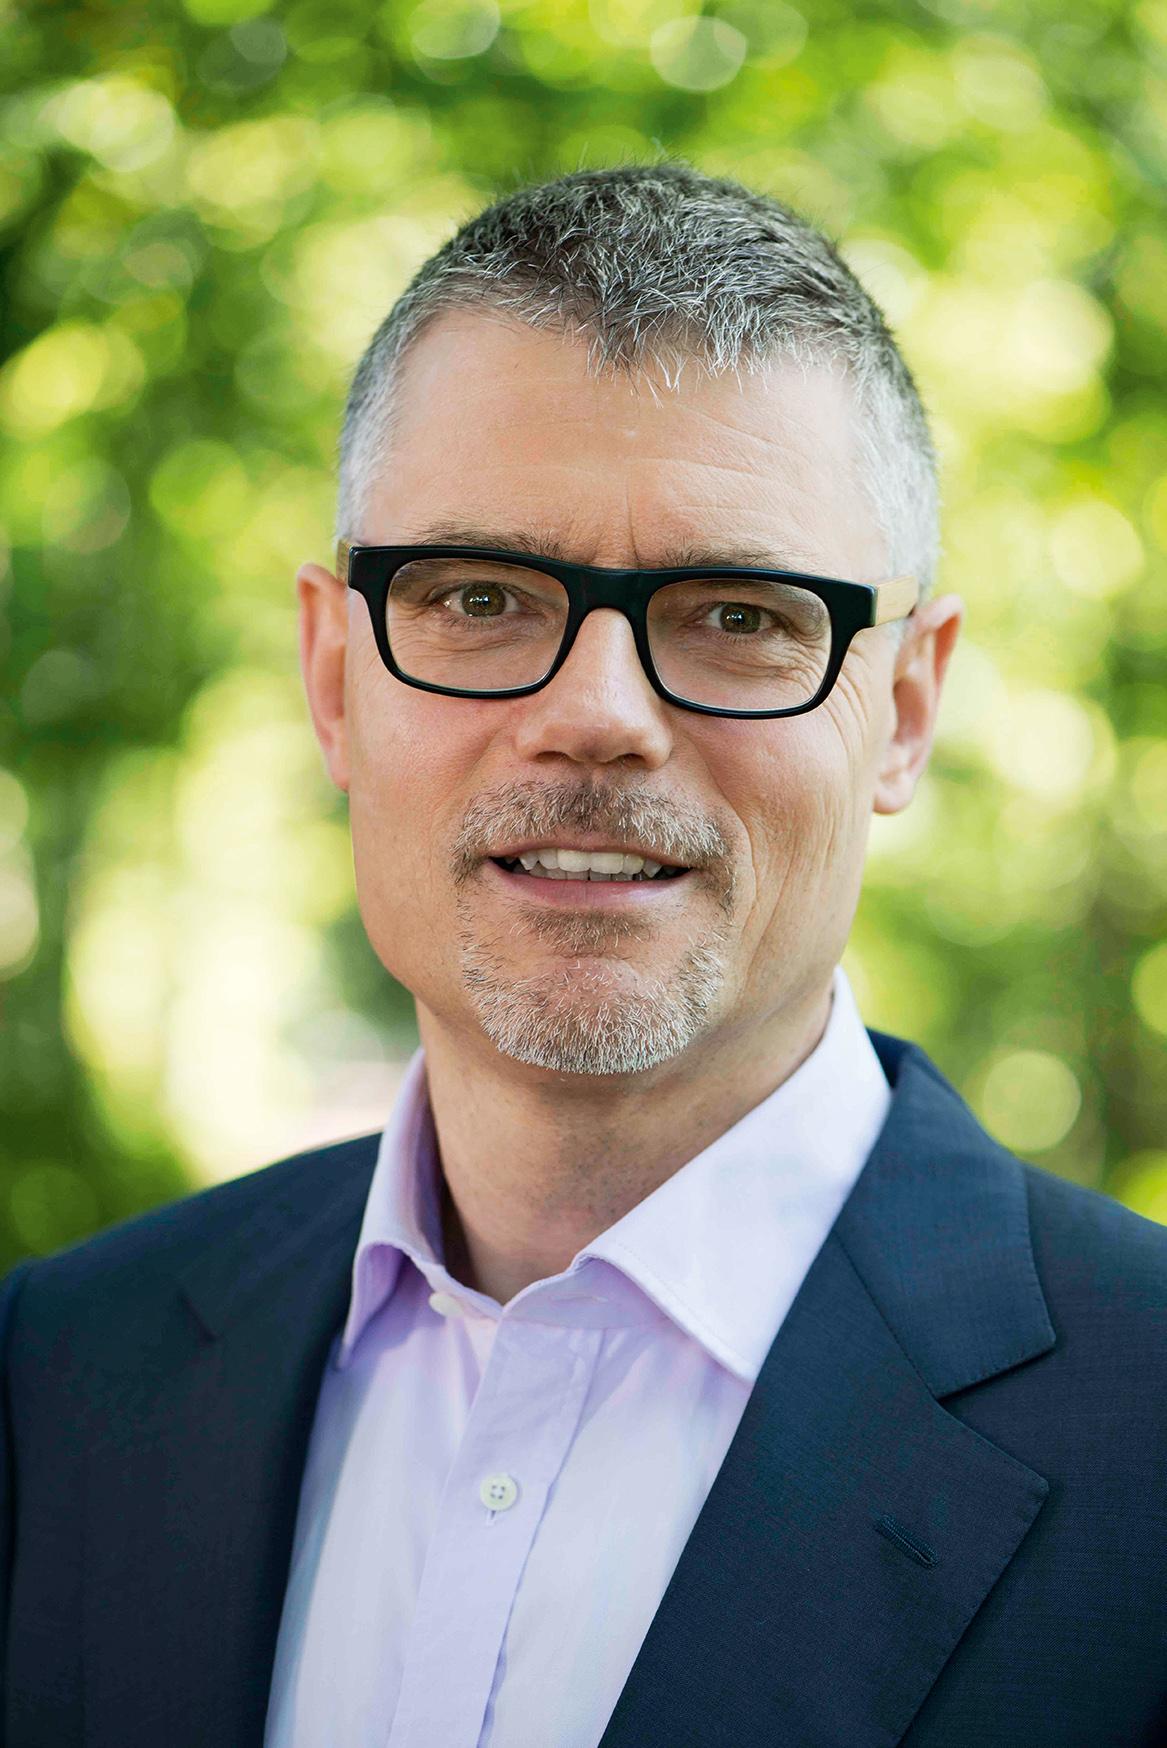 Markus Brehler ist Geschäftsfüher von Caterva. Die Firma hat eine eigene Schwarmtechnologie entwickelt und bietet auch Batteriespeicher an. Foto: Caterva GmbH